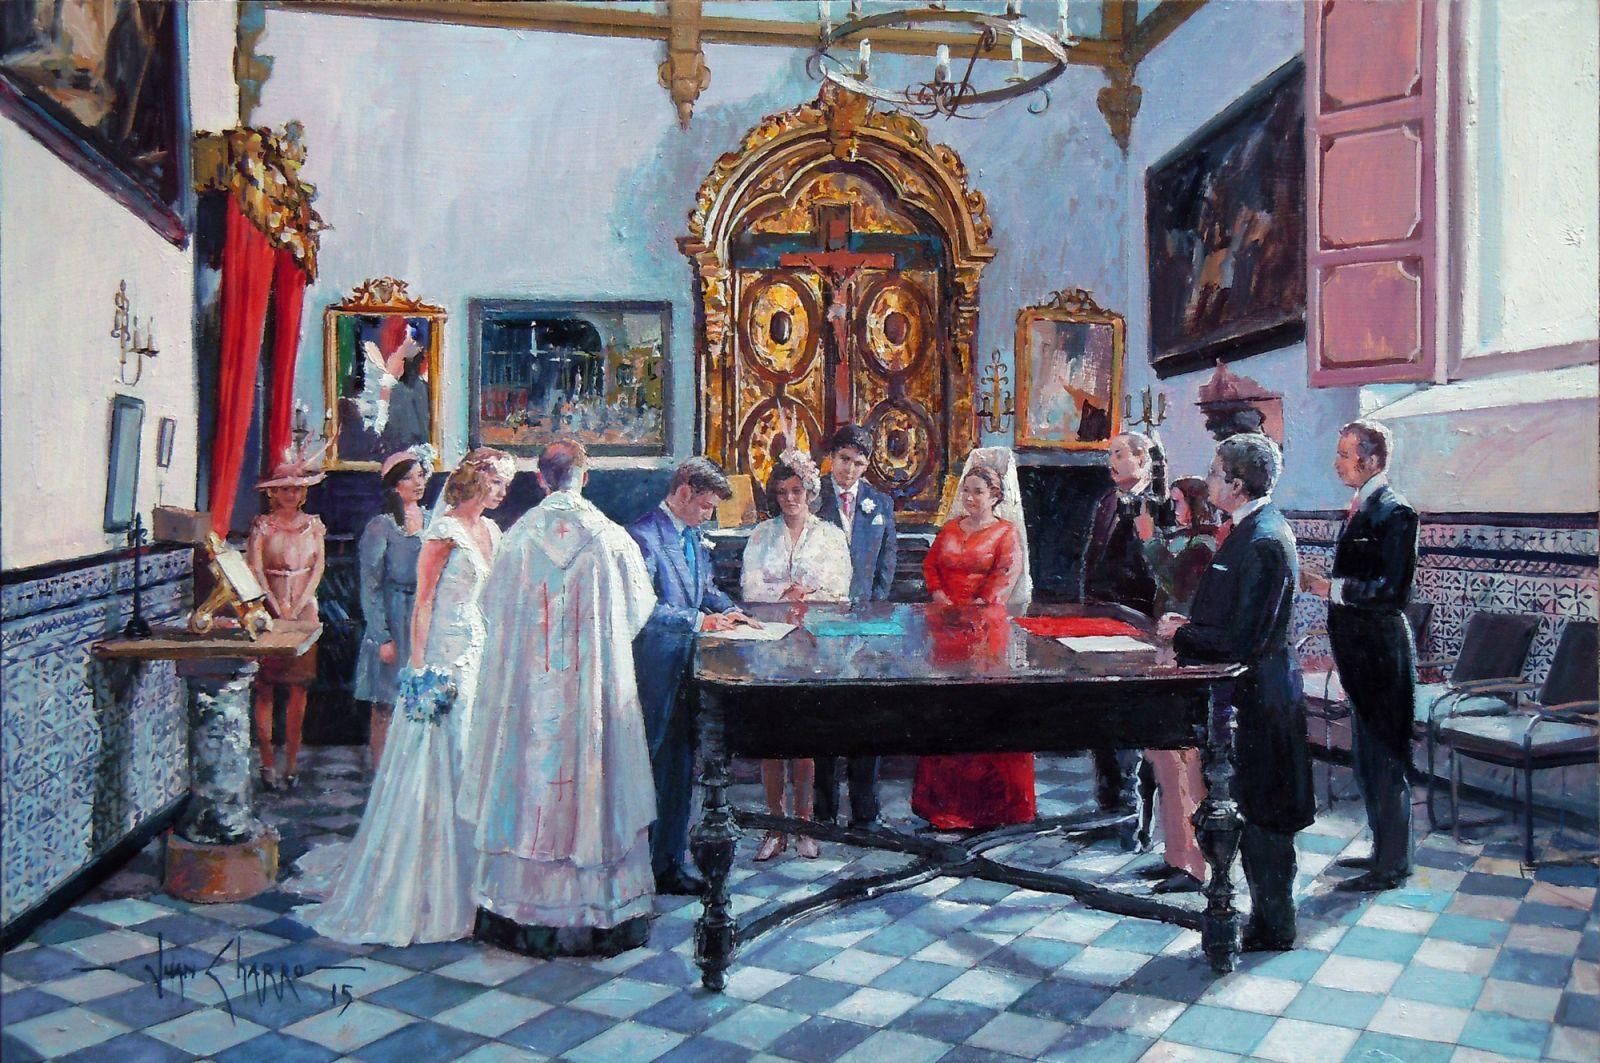 La Vicaría (2015) - Juan Charro